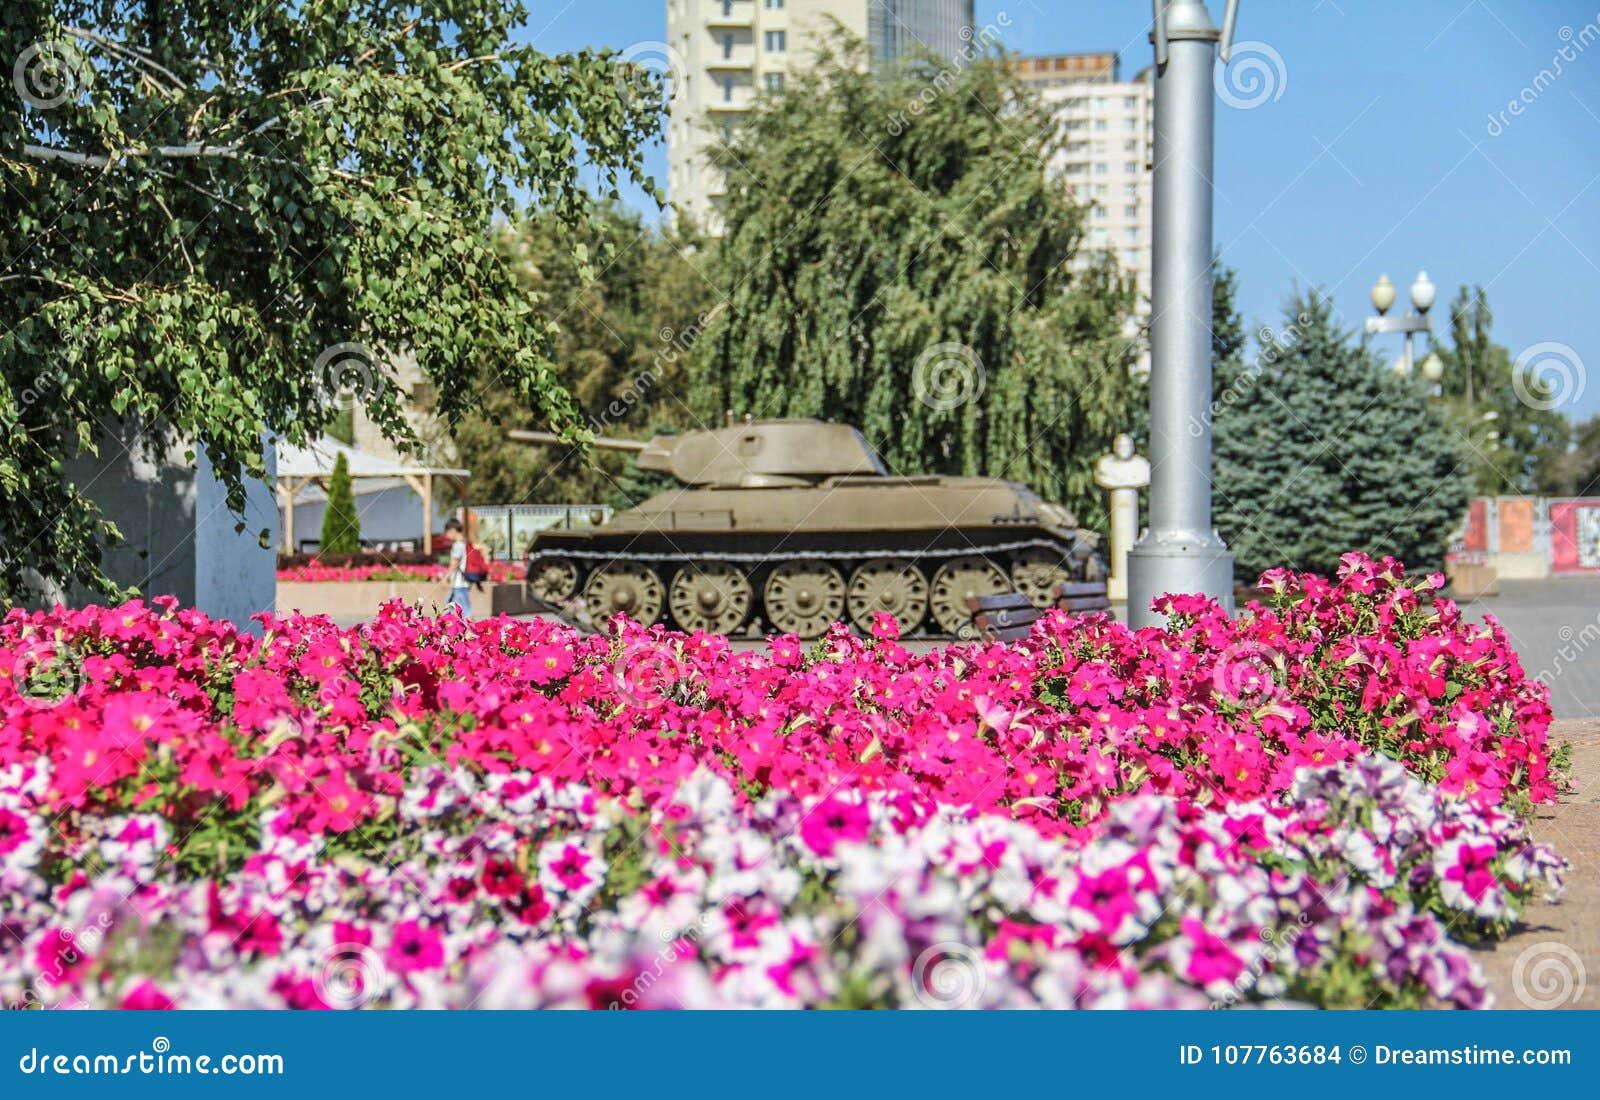 Réservoir et fleurs